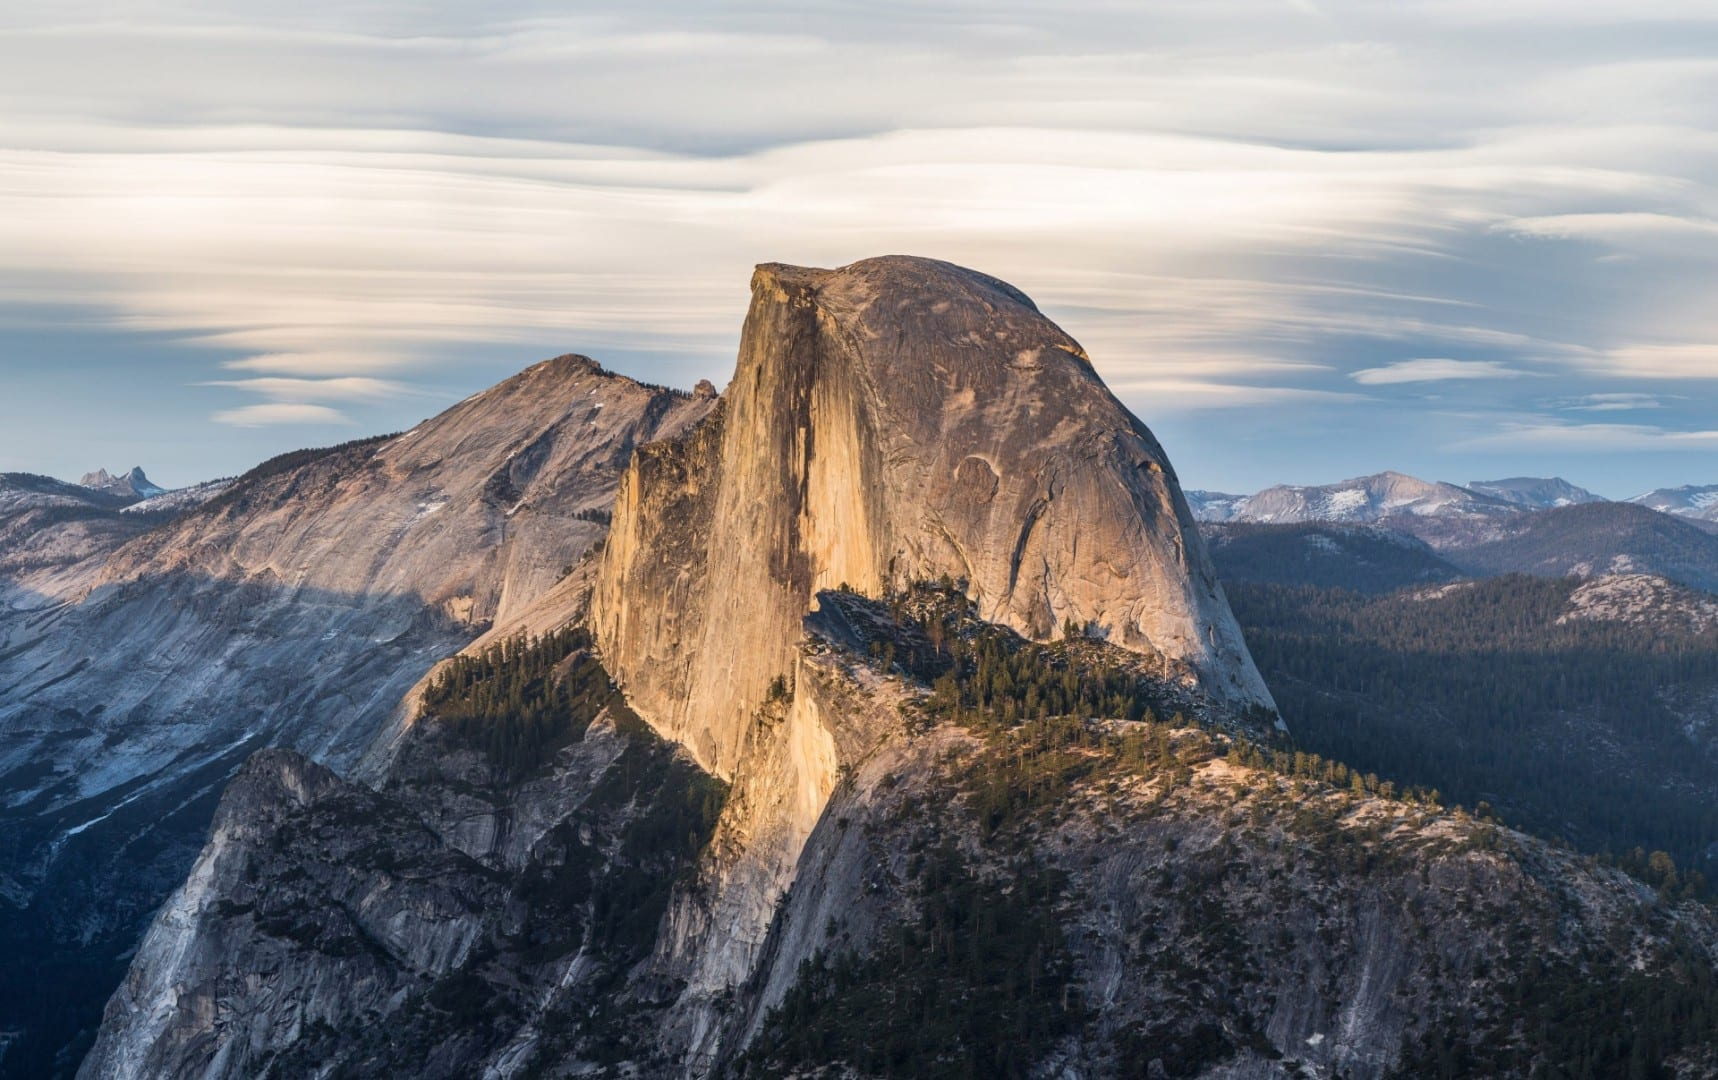 Media Cúpula de Glacier Point Yosemite Parque Nacional CA Estados Unidos